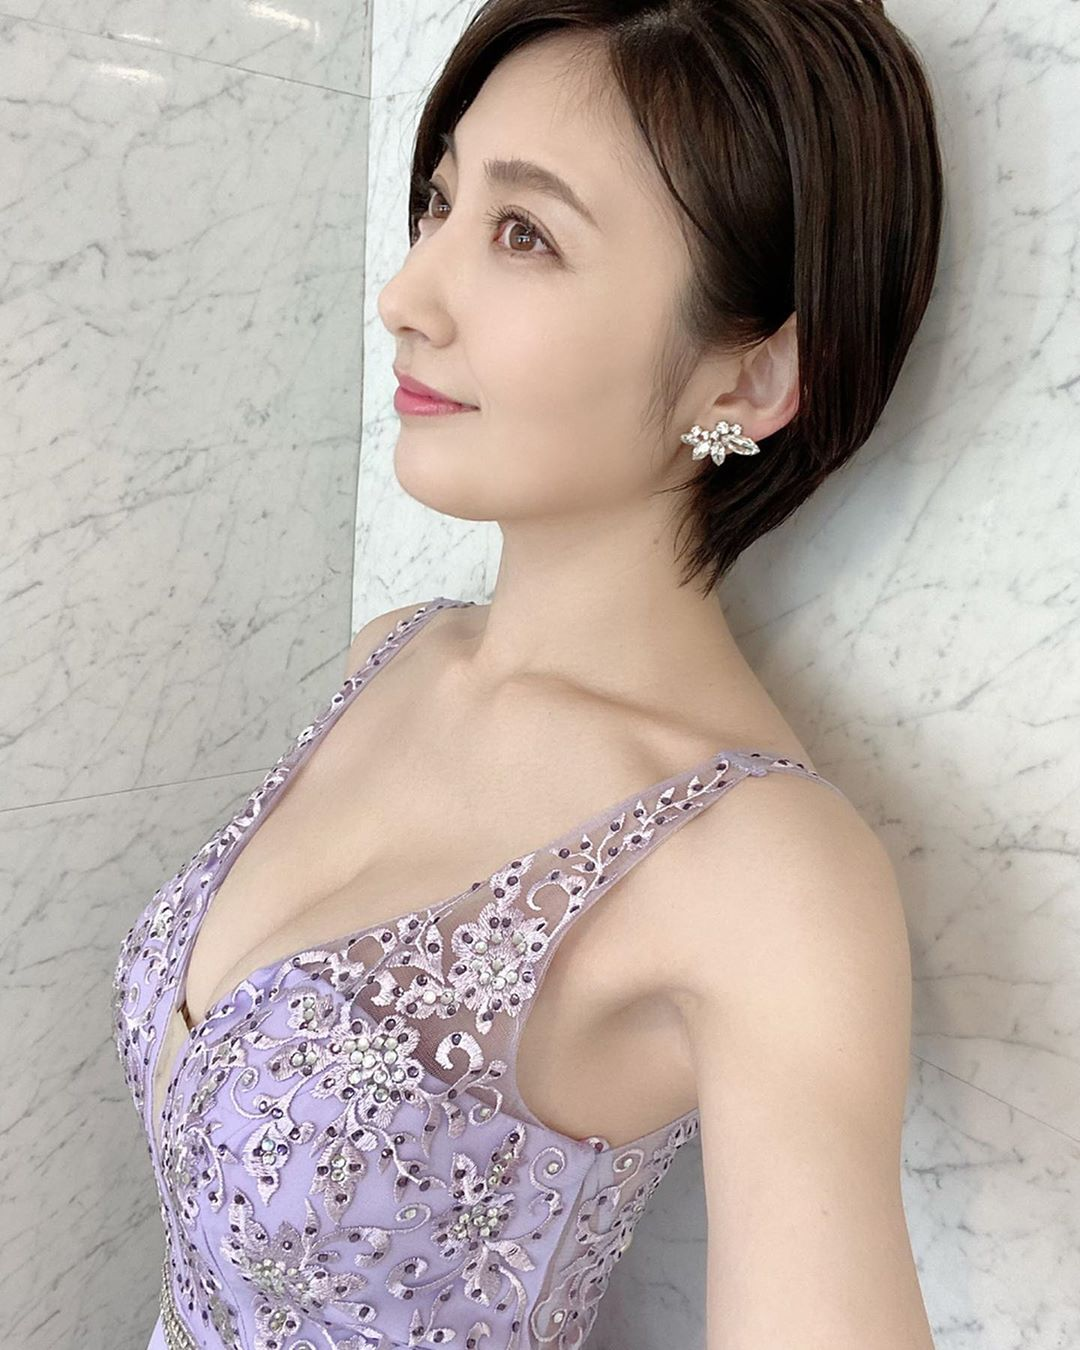 """Nữ diễn viên Nhật Bản U40 vẫn mơn mởn xứng danh """"đệ nhất ngực đẹp"""" - 4"""